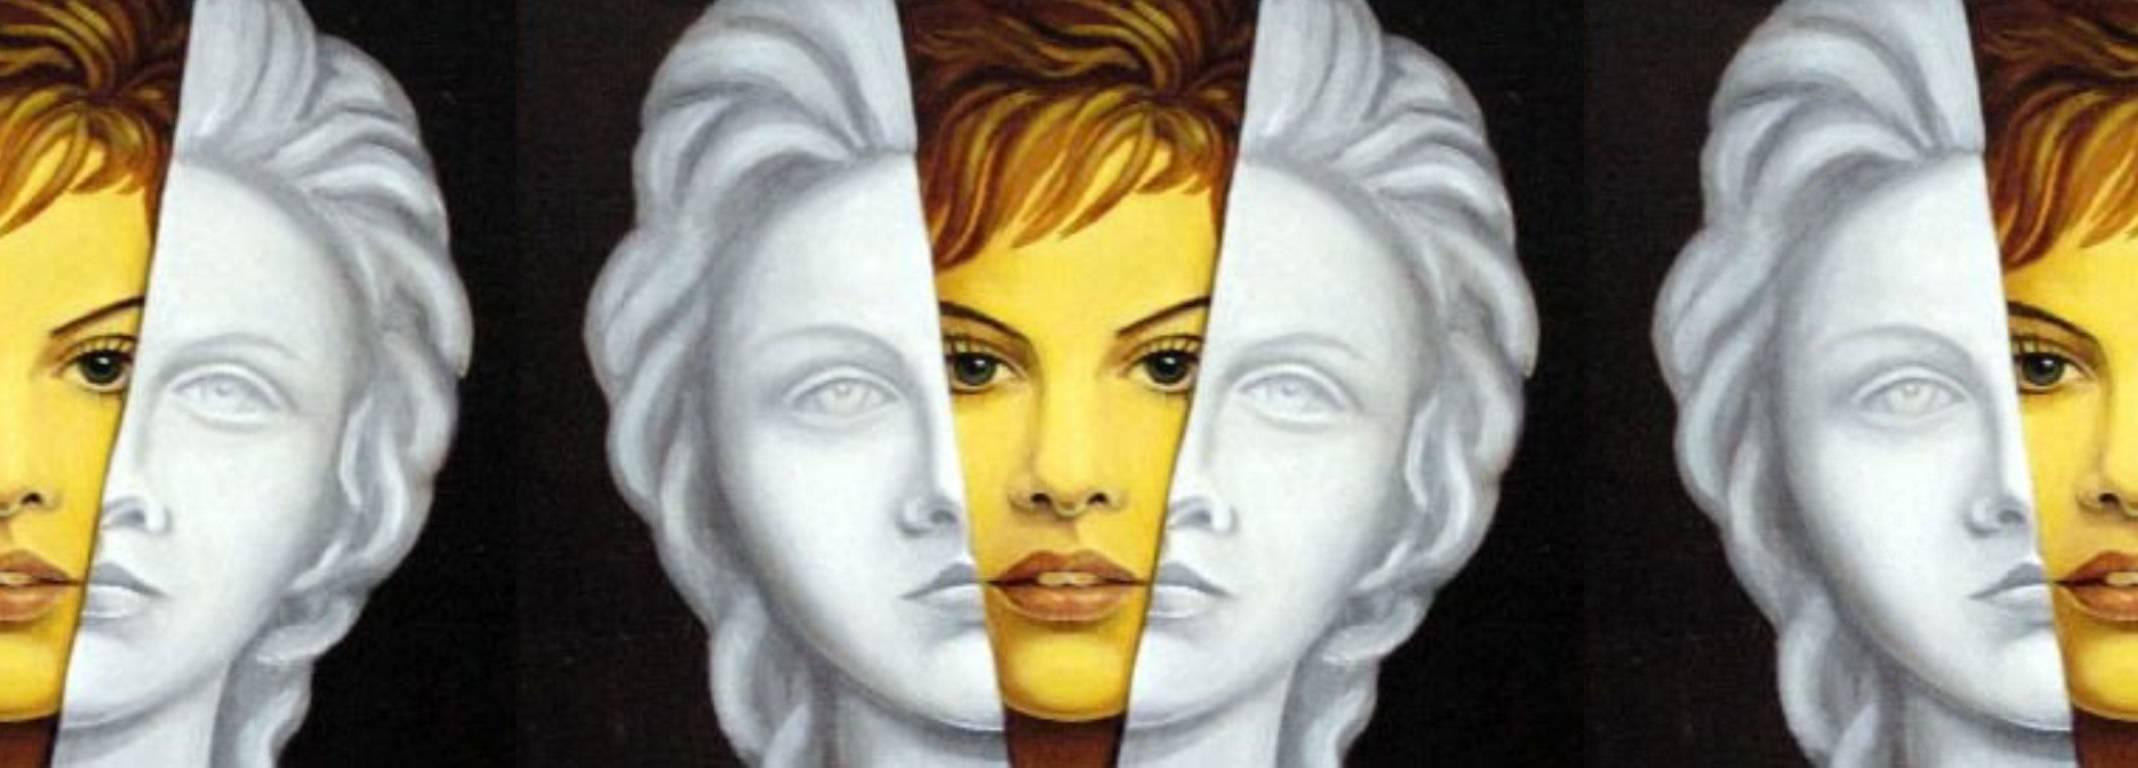 Отрицание (психологическая защита) - faq по реальности